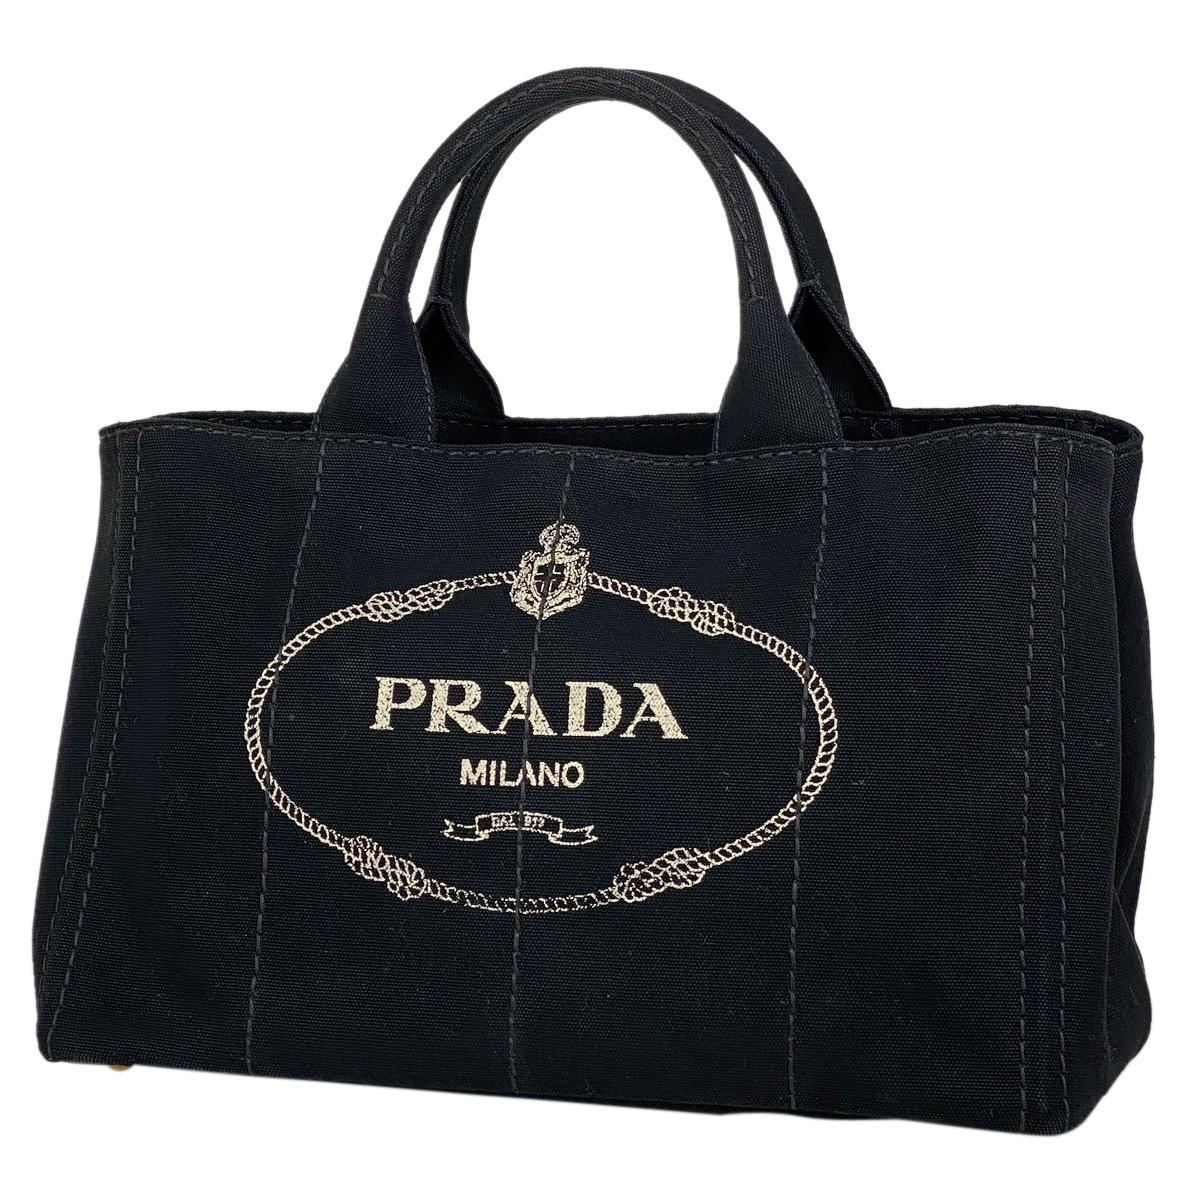 プラダ PRADA カナパトート ハンドバッグ トートバッグ キャンバス ネロ(ブラック) 1BG642 レディース 【中古】